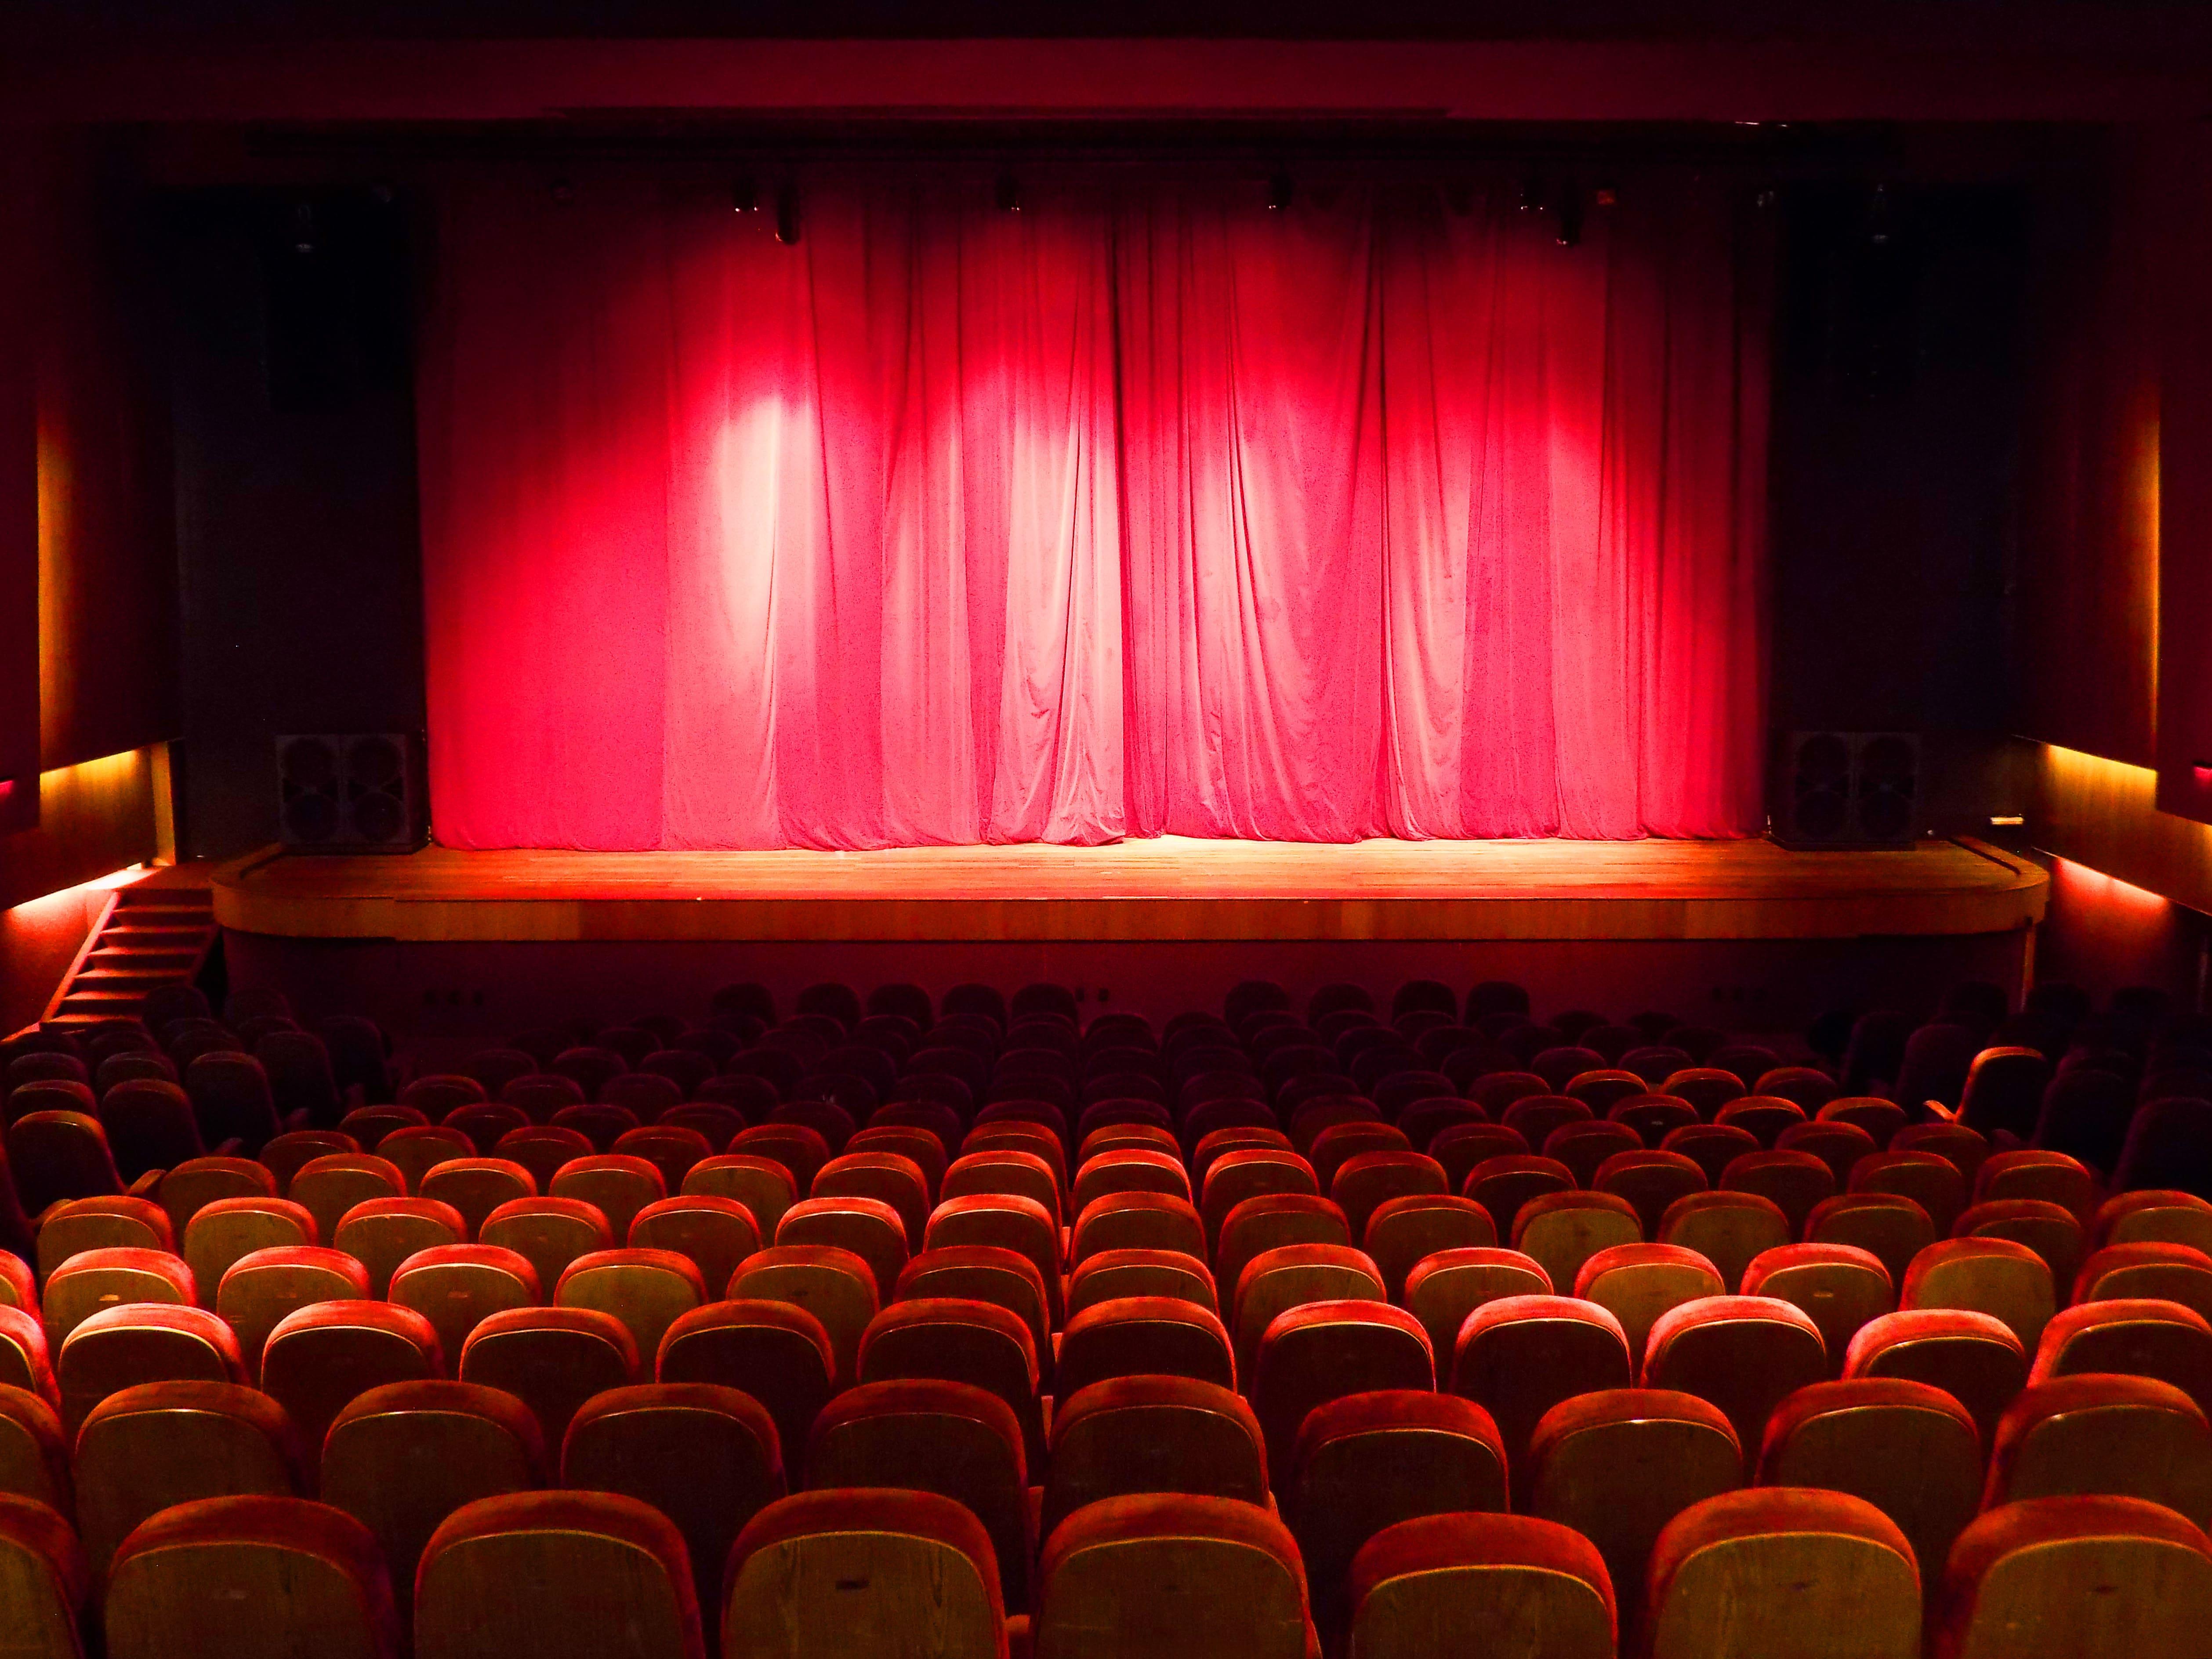 """Ingresso Inteira Plateia Alta para o espetáculo """"Pinóquio"""" dia 08/03 às 17h de R$40 por apenas R$18,40 no Theatro ViaSul"""